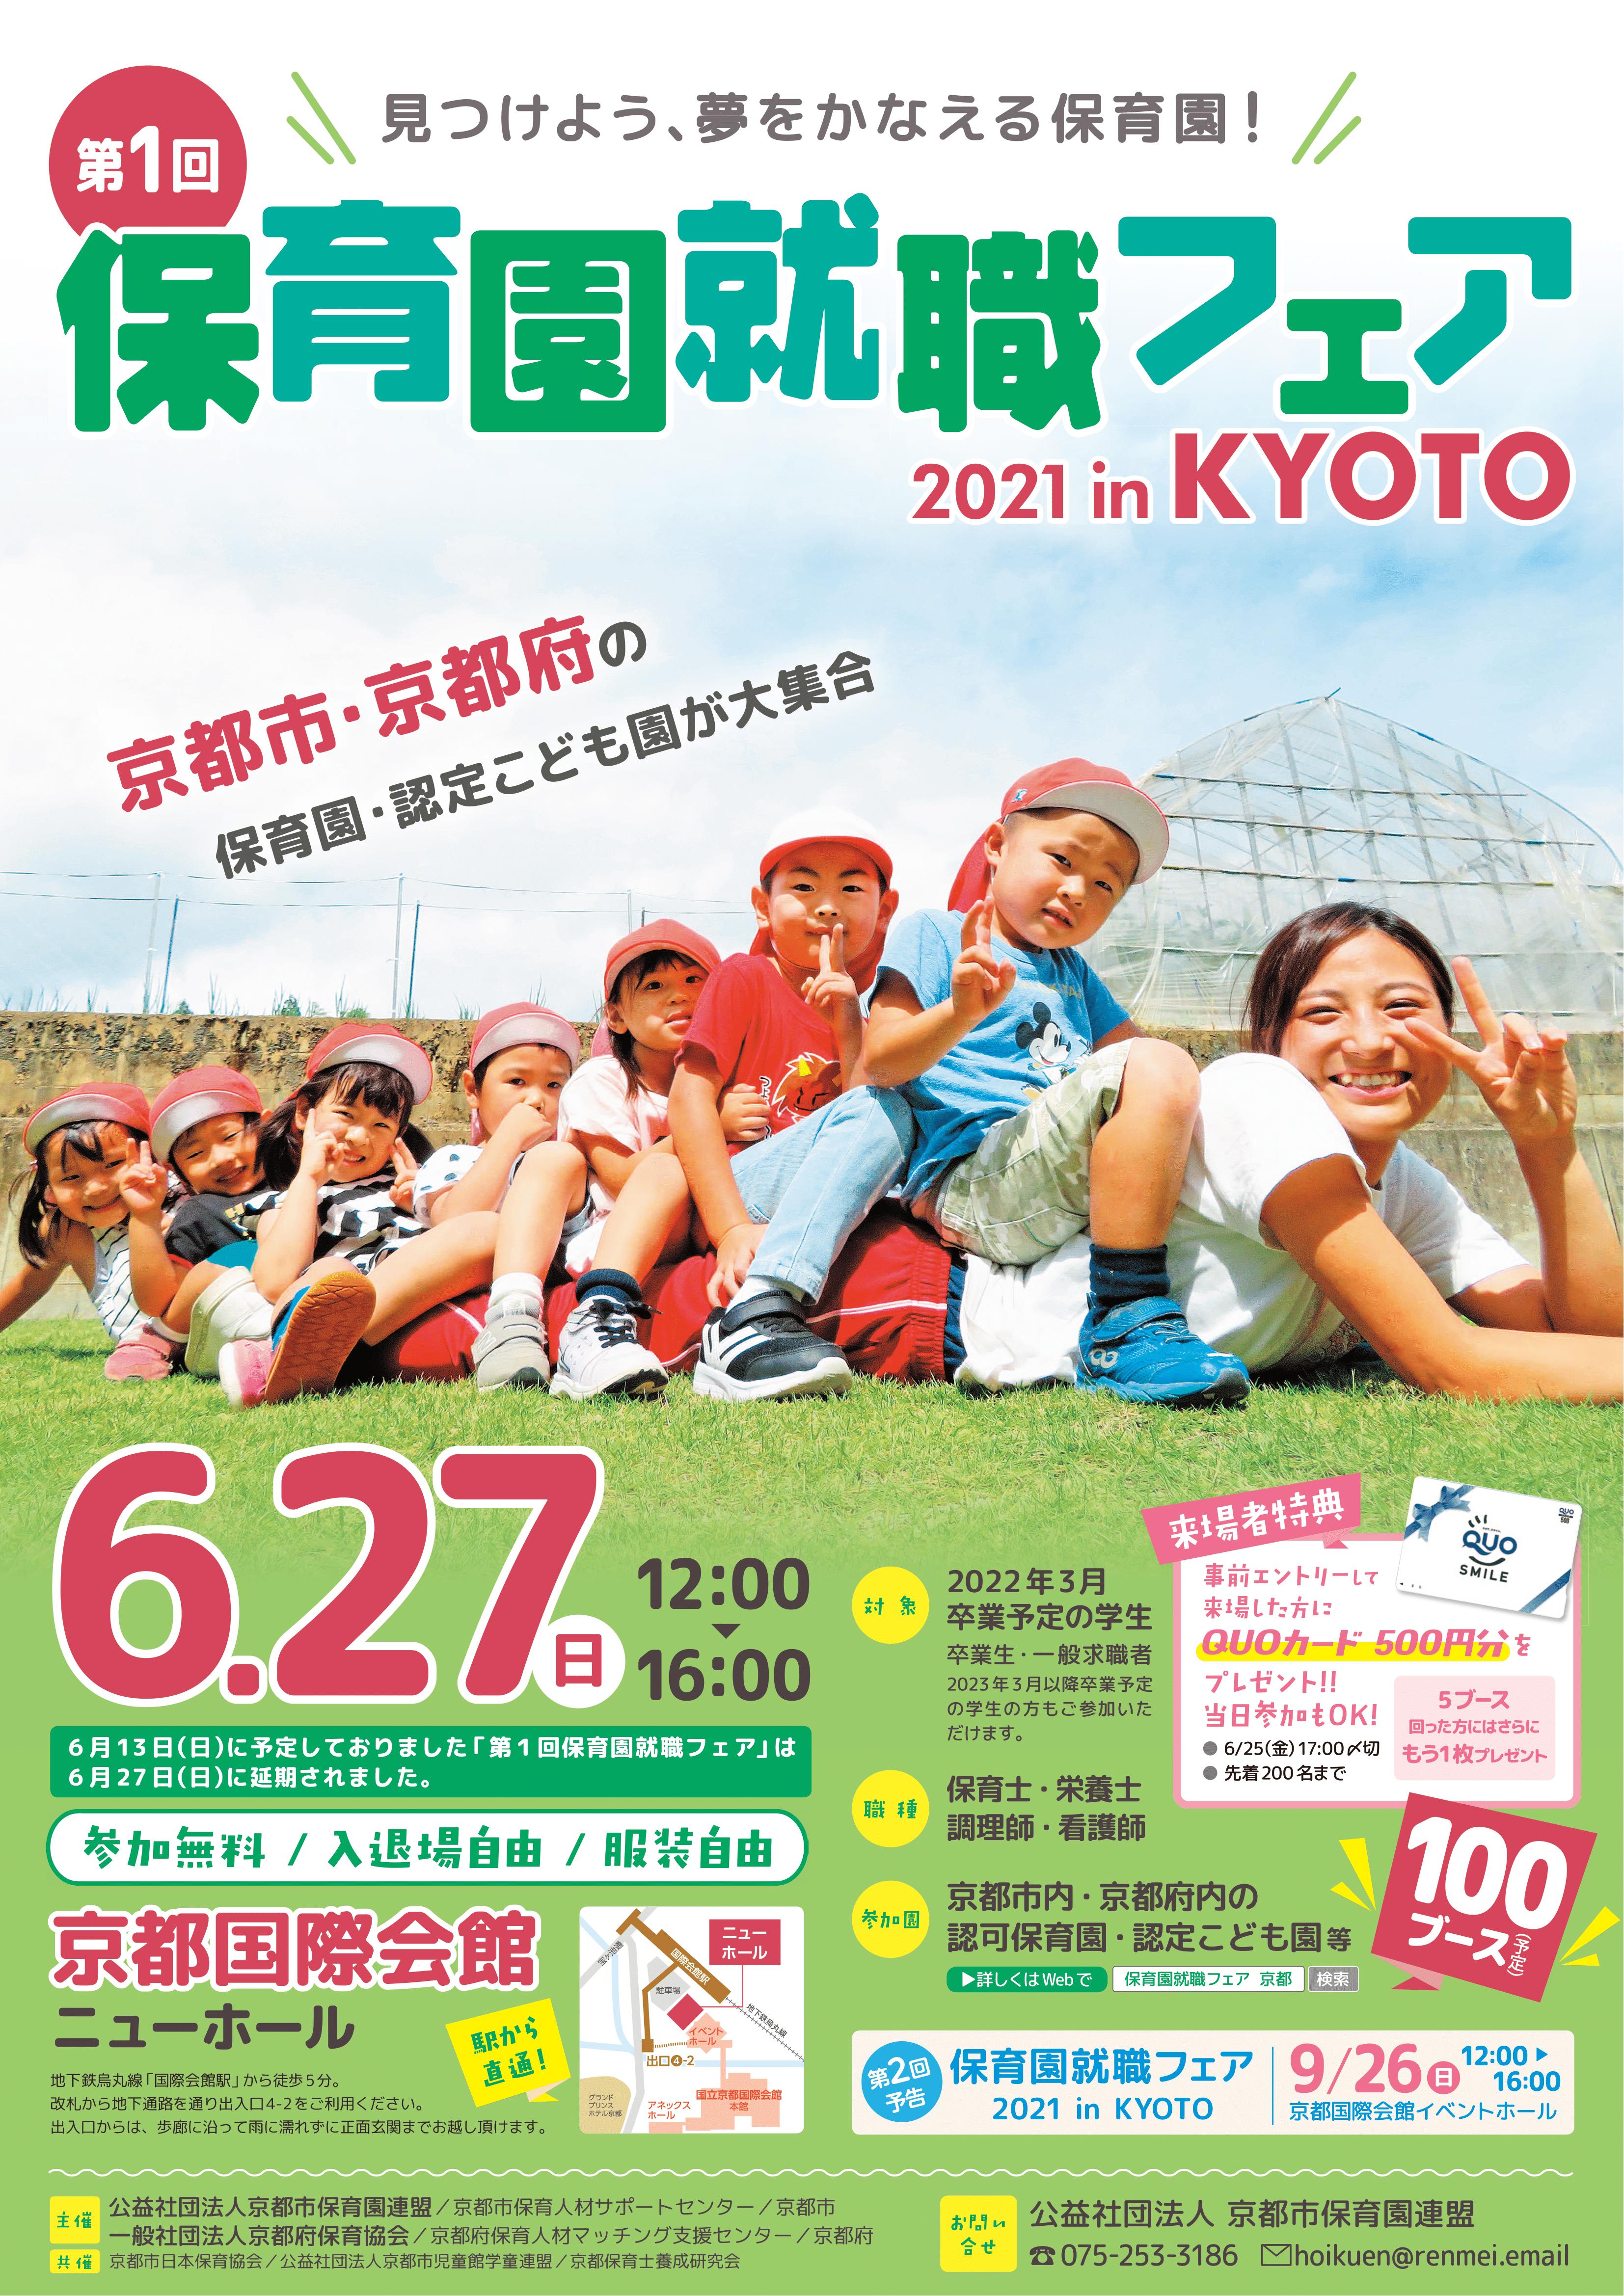 【6月27日開催】第1回 保育園就職フェア2021 in KYOTO